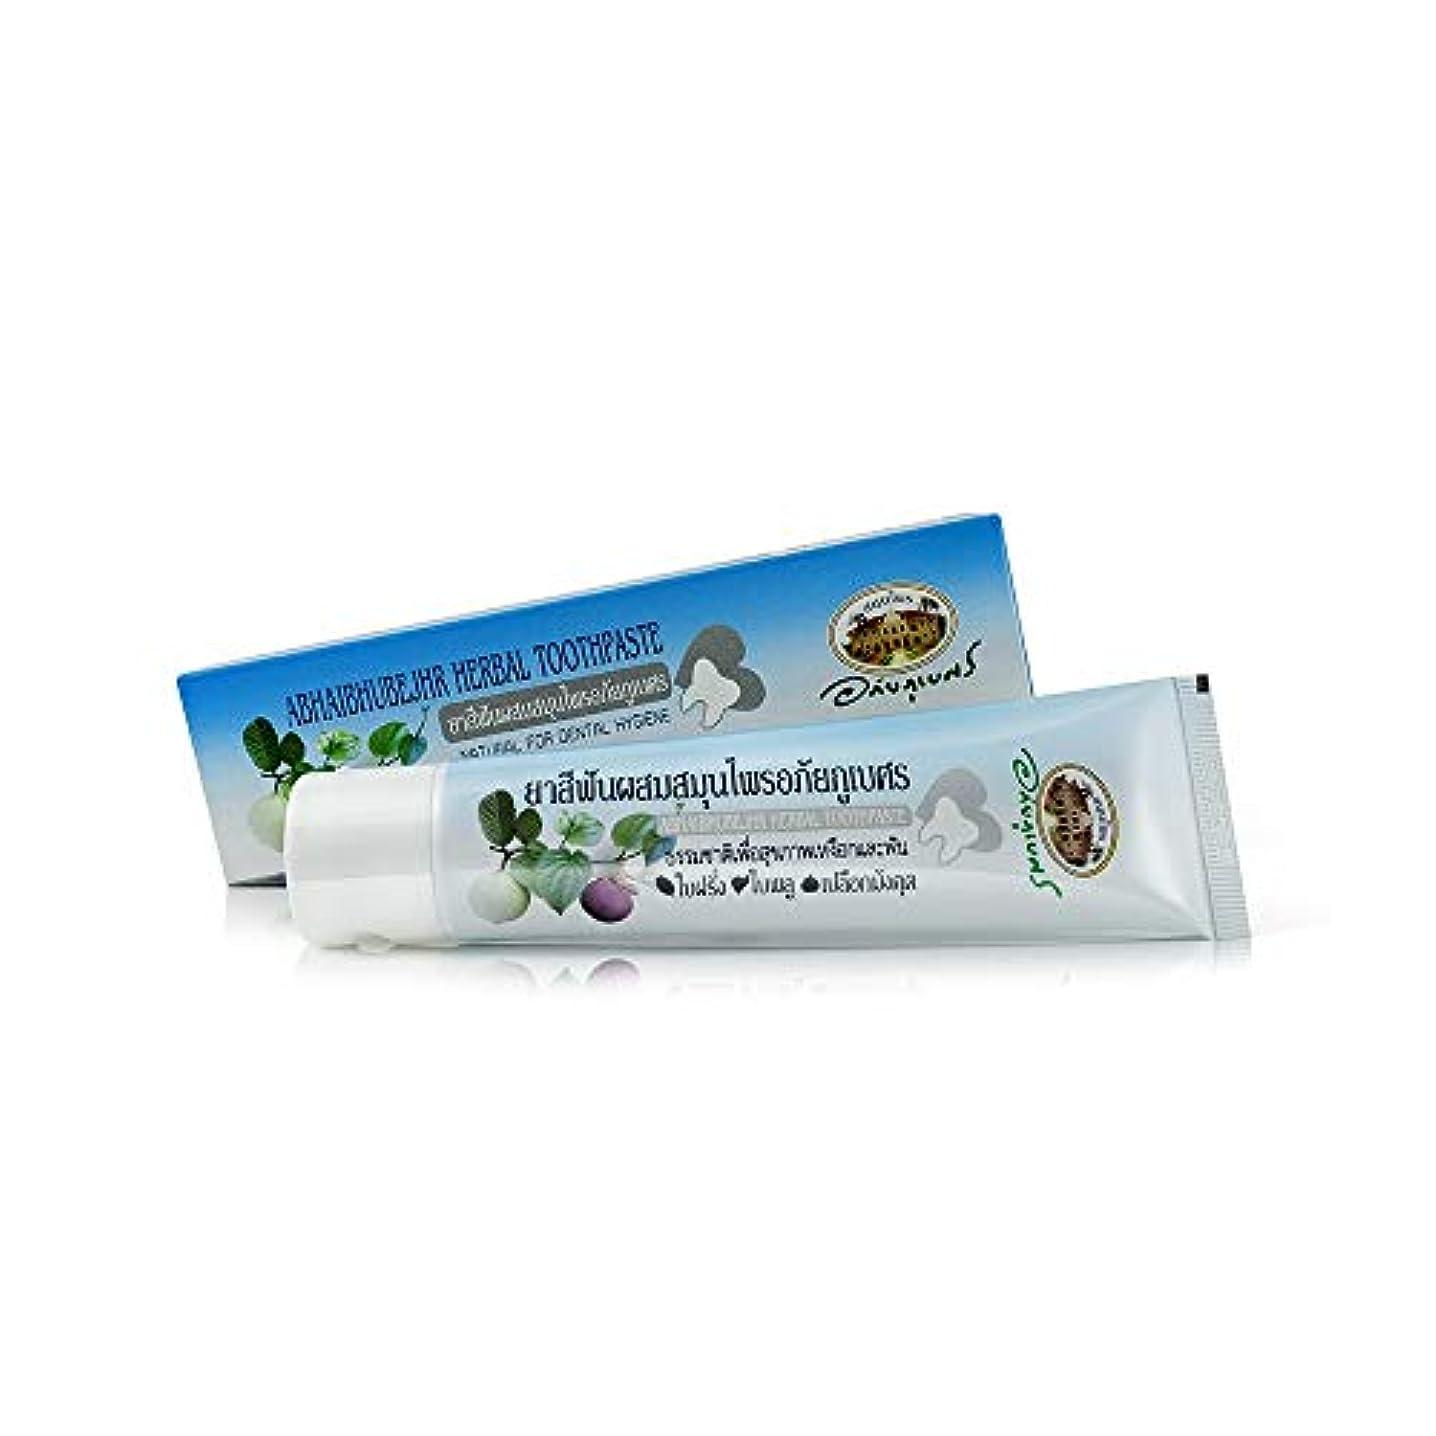 階層抱擁平凡Abhaibhubejhr Herbal Toothpaste Natural For Dental Hygiene 歯科衛生のためのAbhaibhubejhrハーブ歯磨き粉ナチュラル (70g)